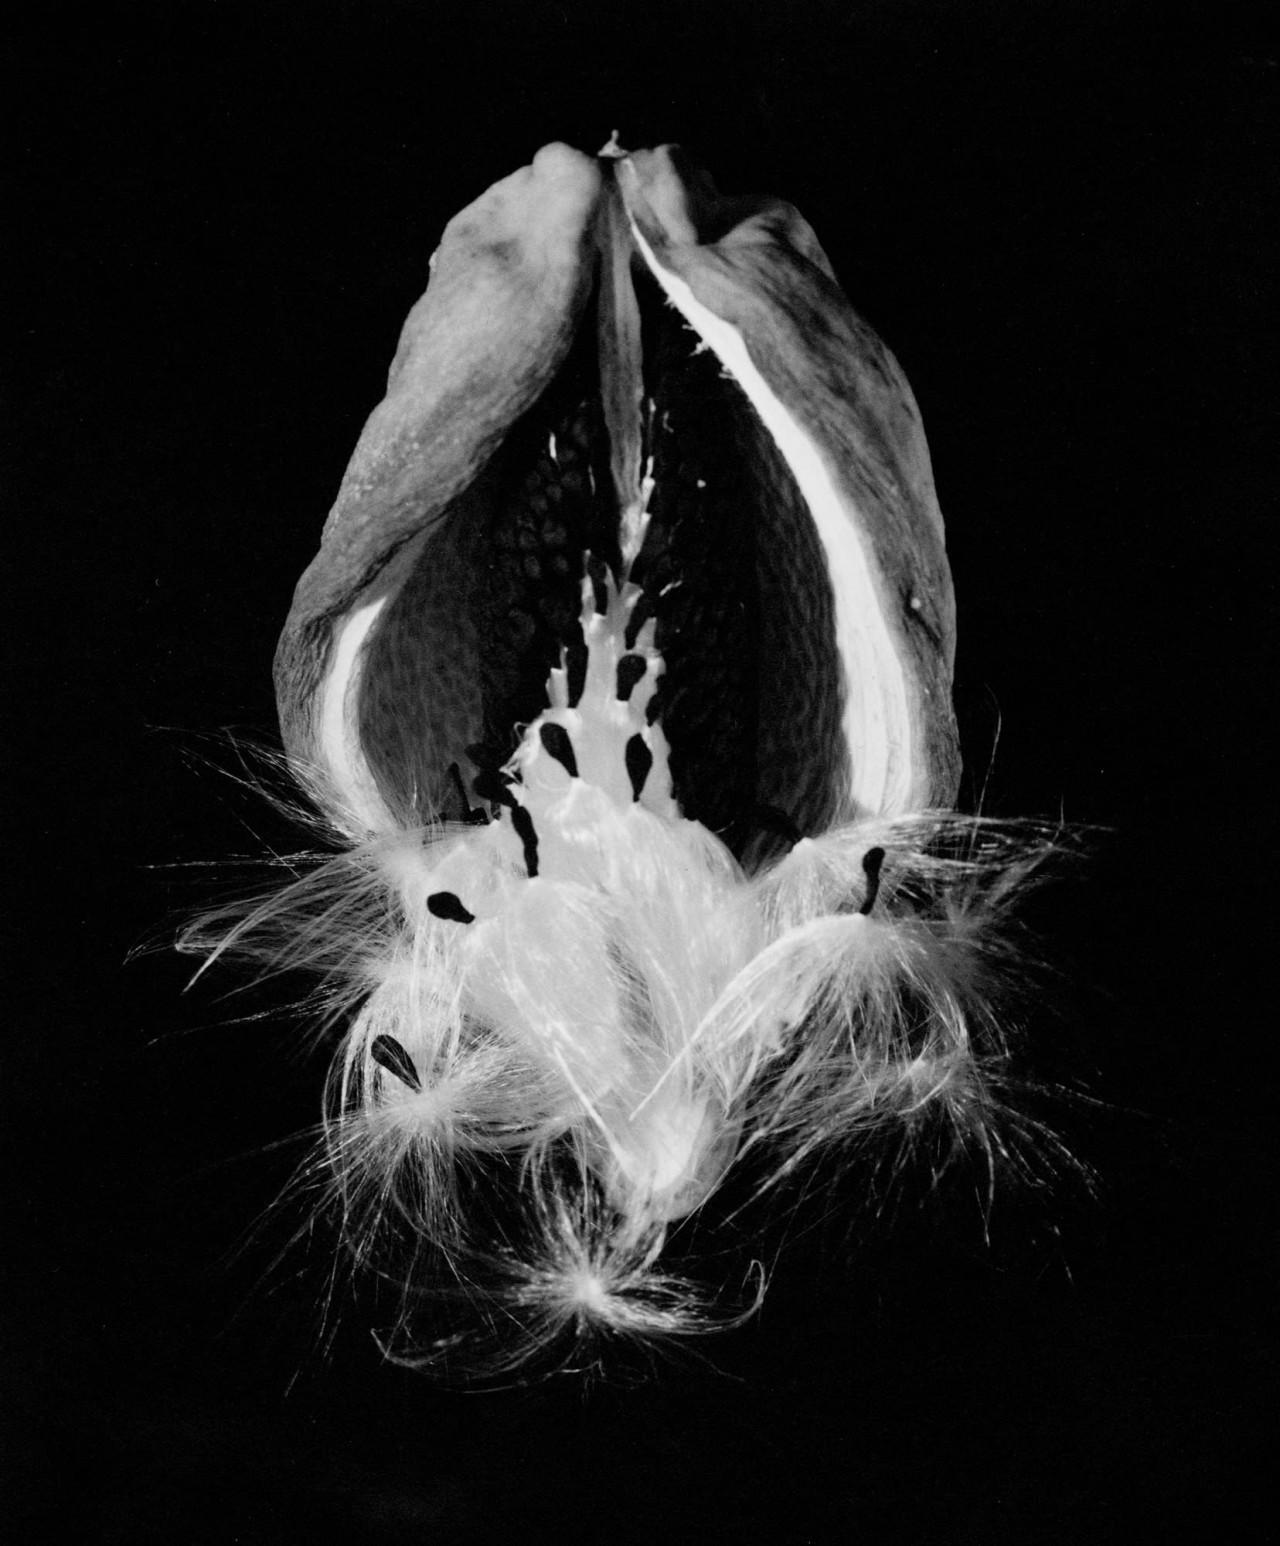 Стручок и семя аруджи, 1940. Фотограф Имоджен Каннингем